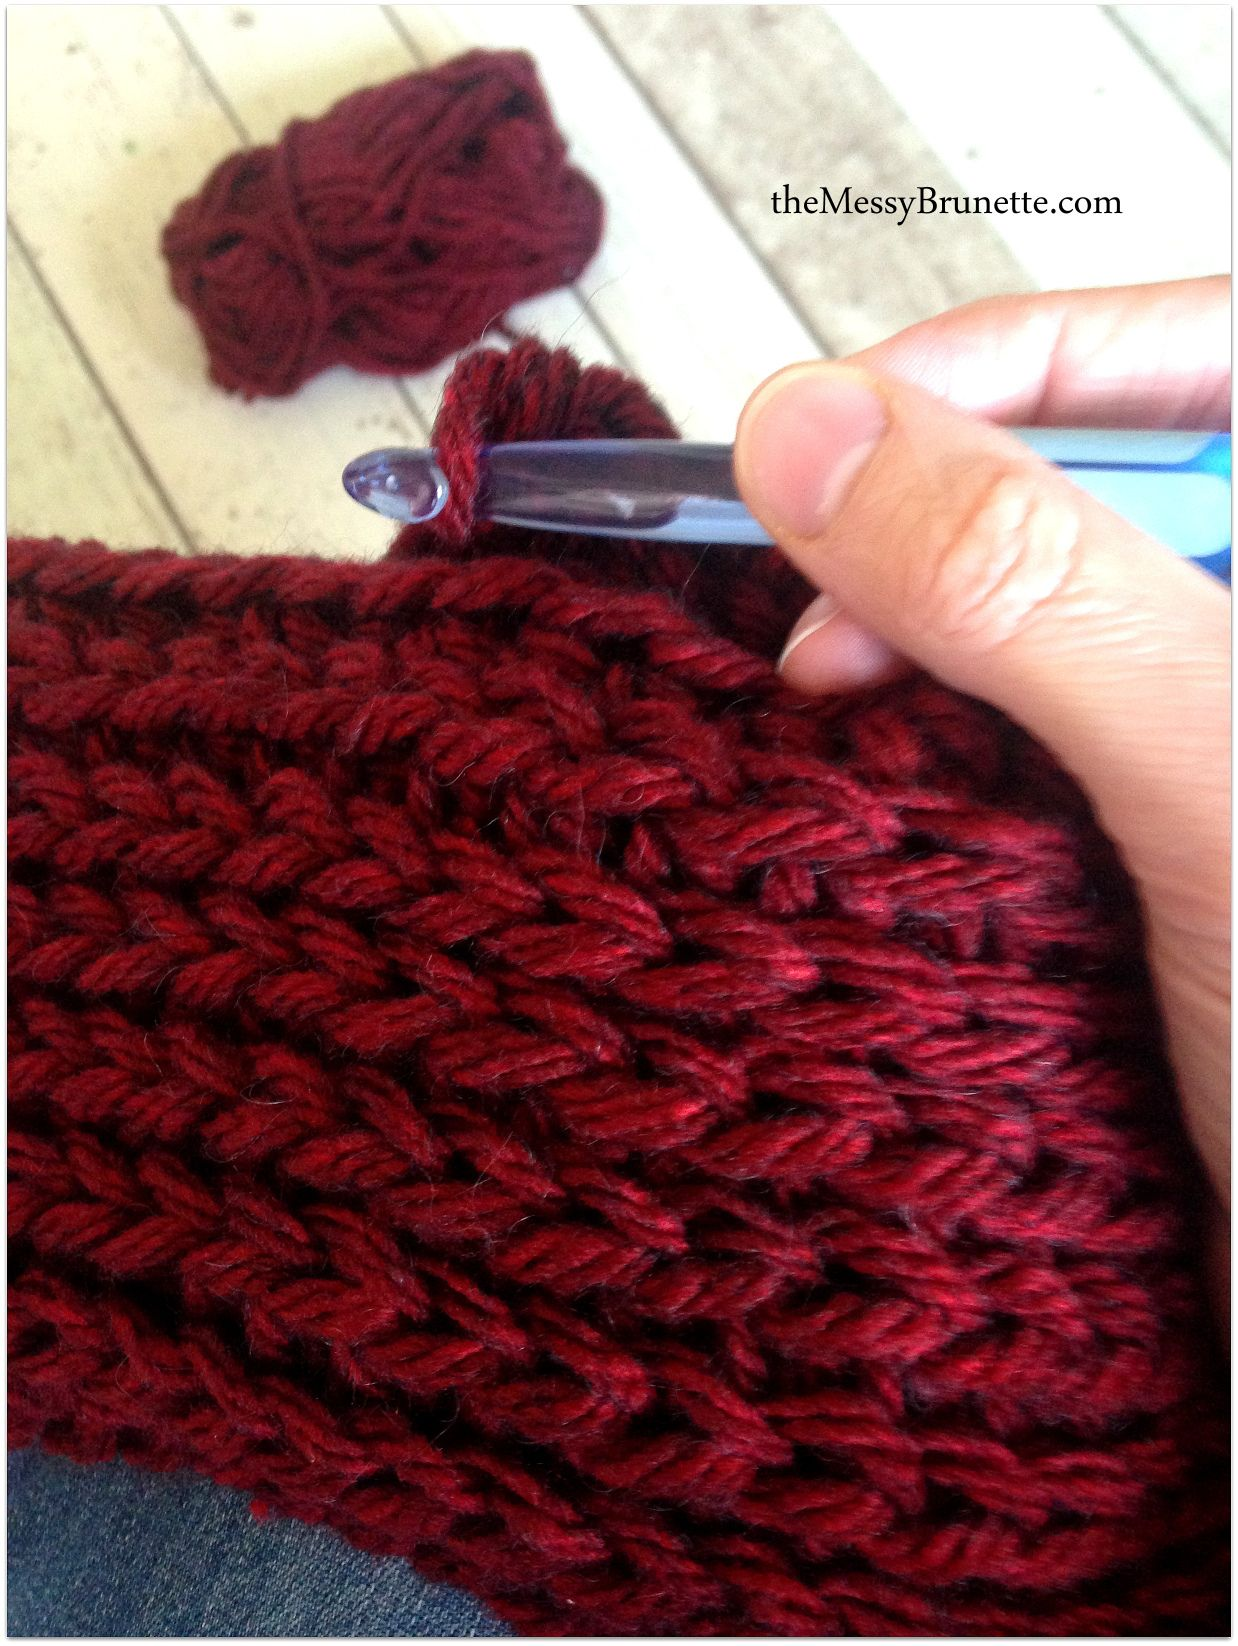 Crochet - the camel stitch or knit stitch | Scarfs | Pinterest ...